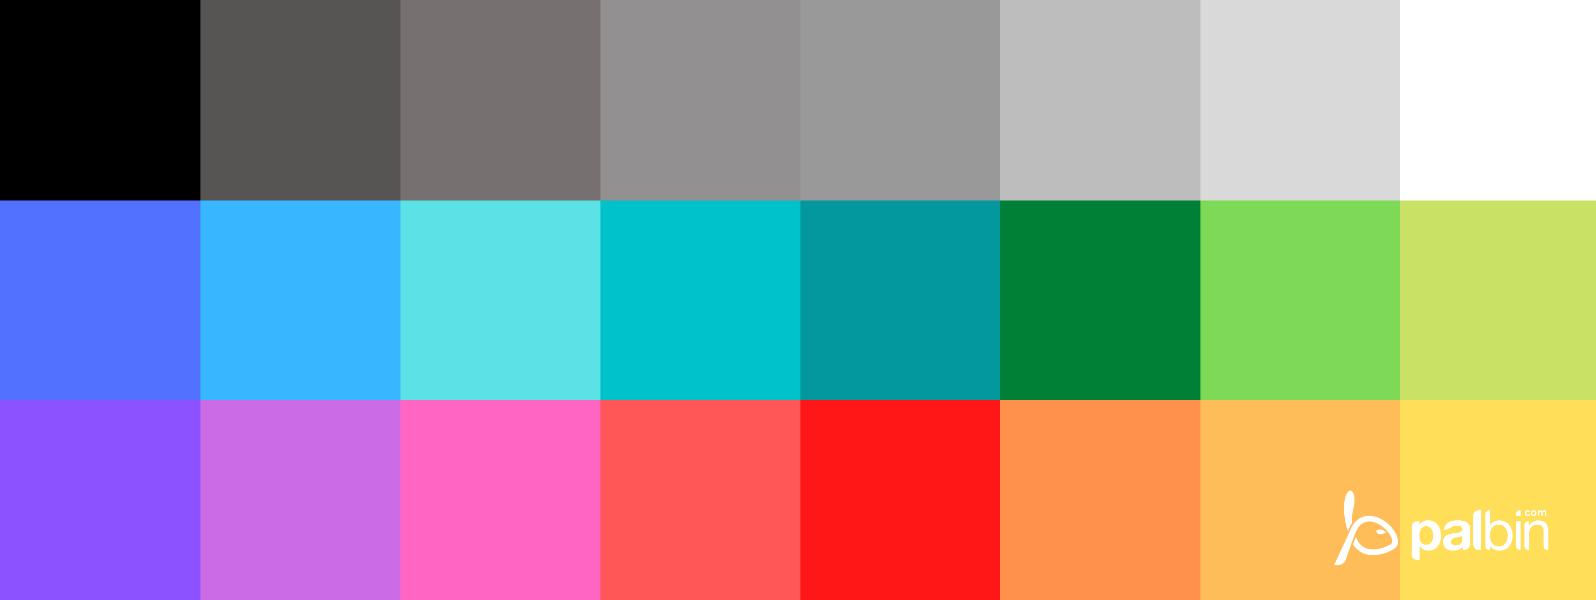 ¿Cómo utilizar la psicología del color para aumentar tus ventas?